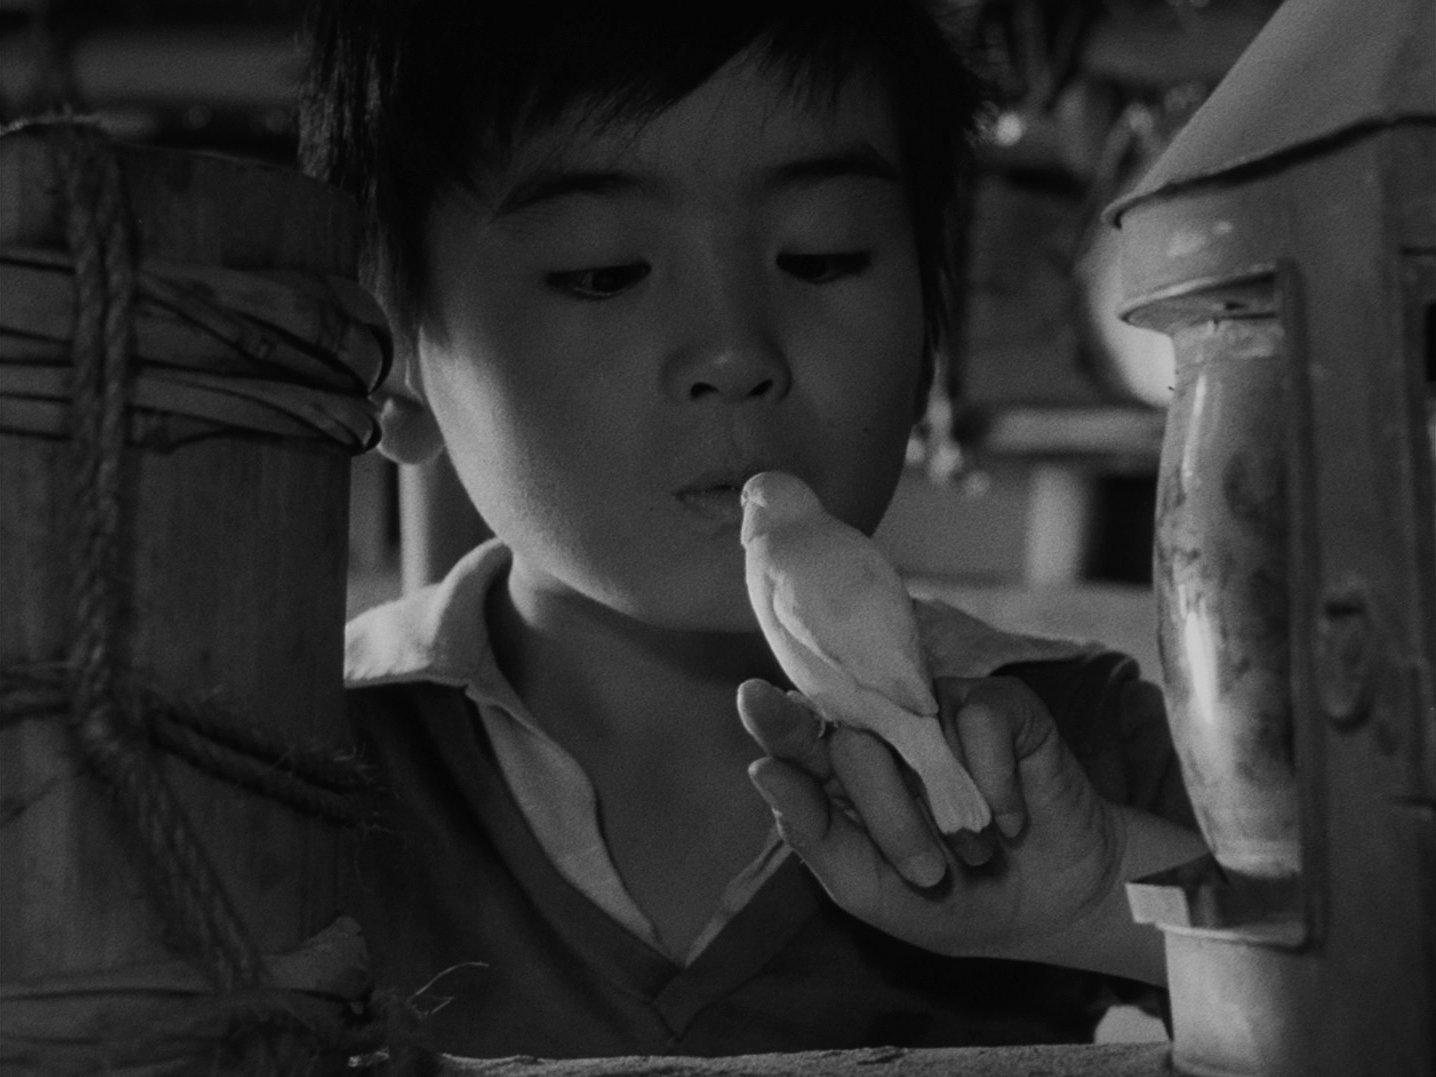 『ウルトラQ』第12話「鳥を見た」 小鳥&少年